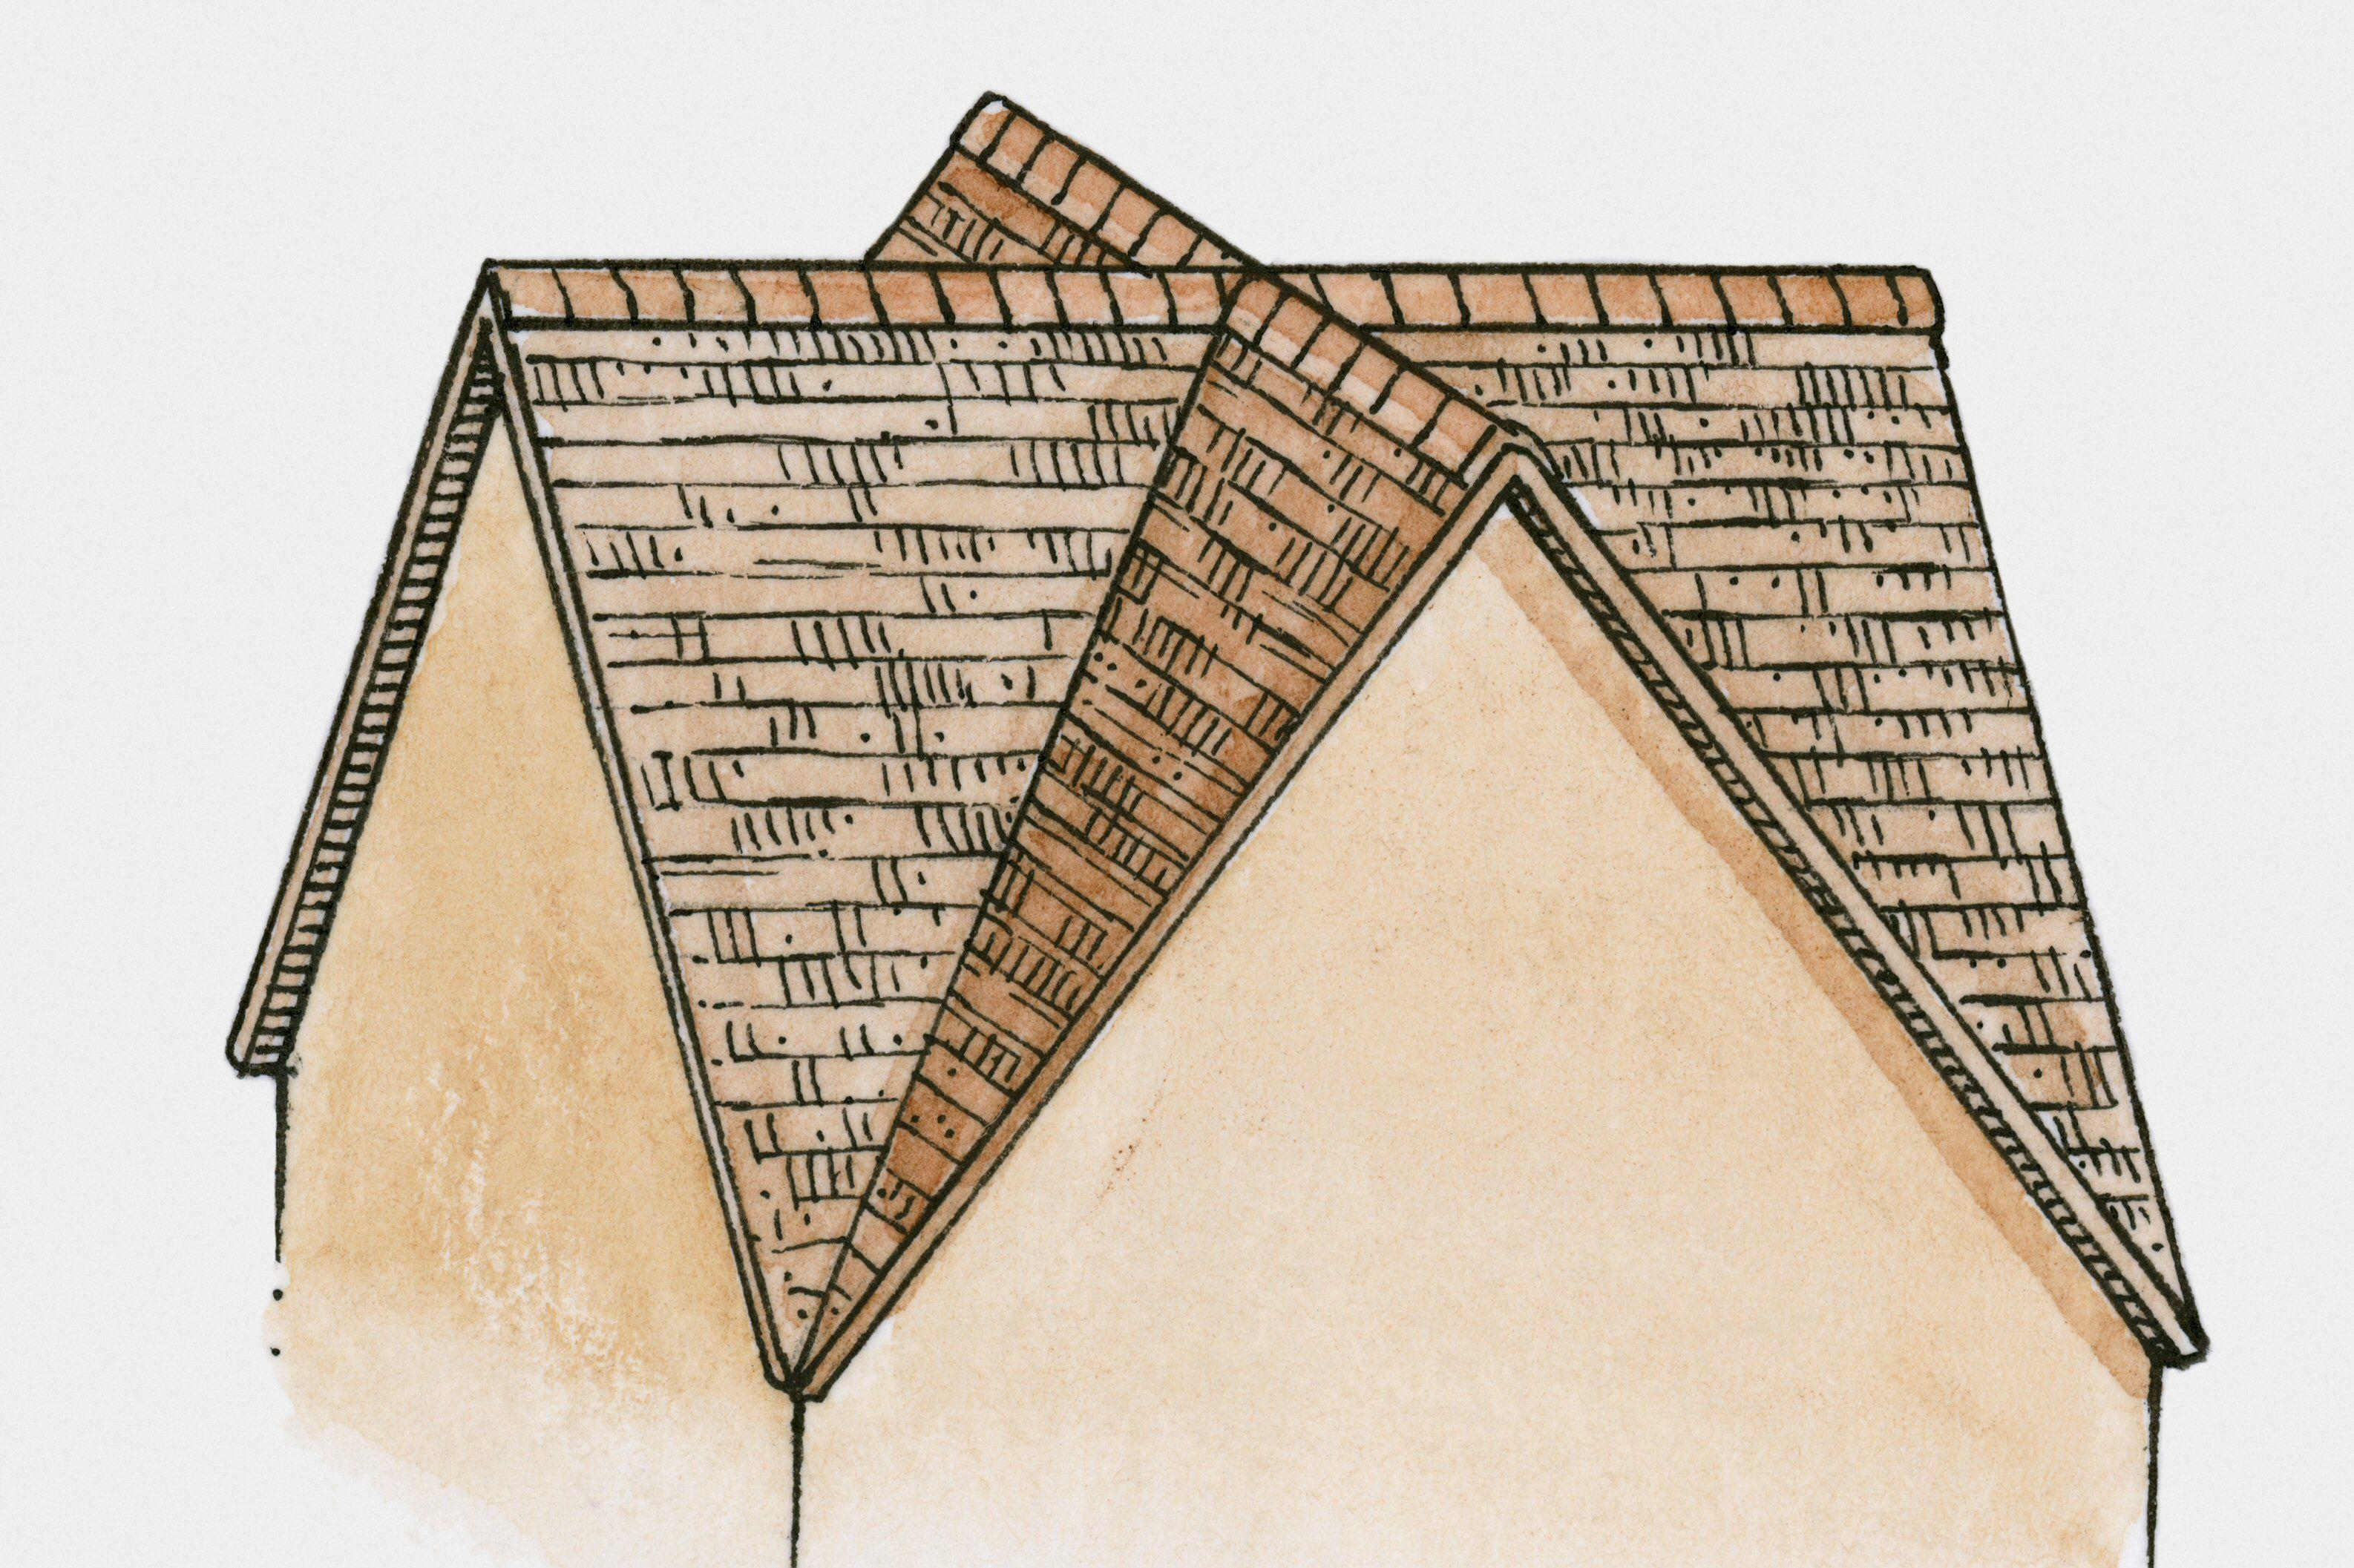 Tende Da Sole Tetto Spiovente il timpano - un triangolo di spiegazioni